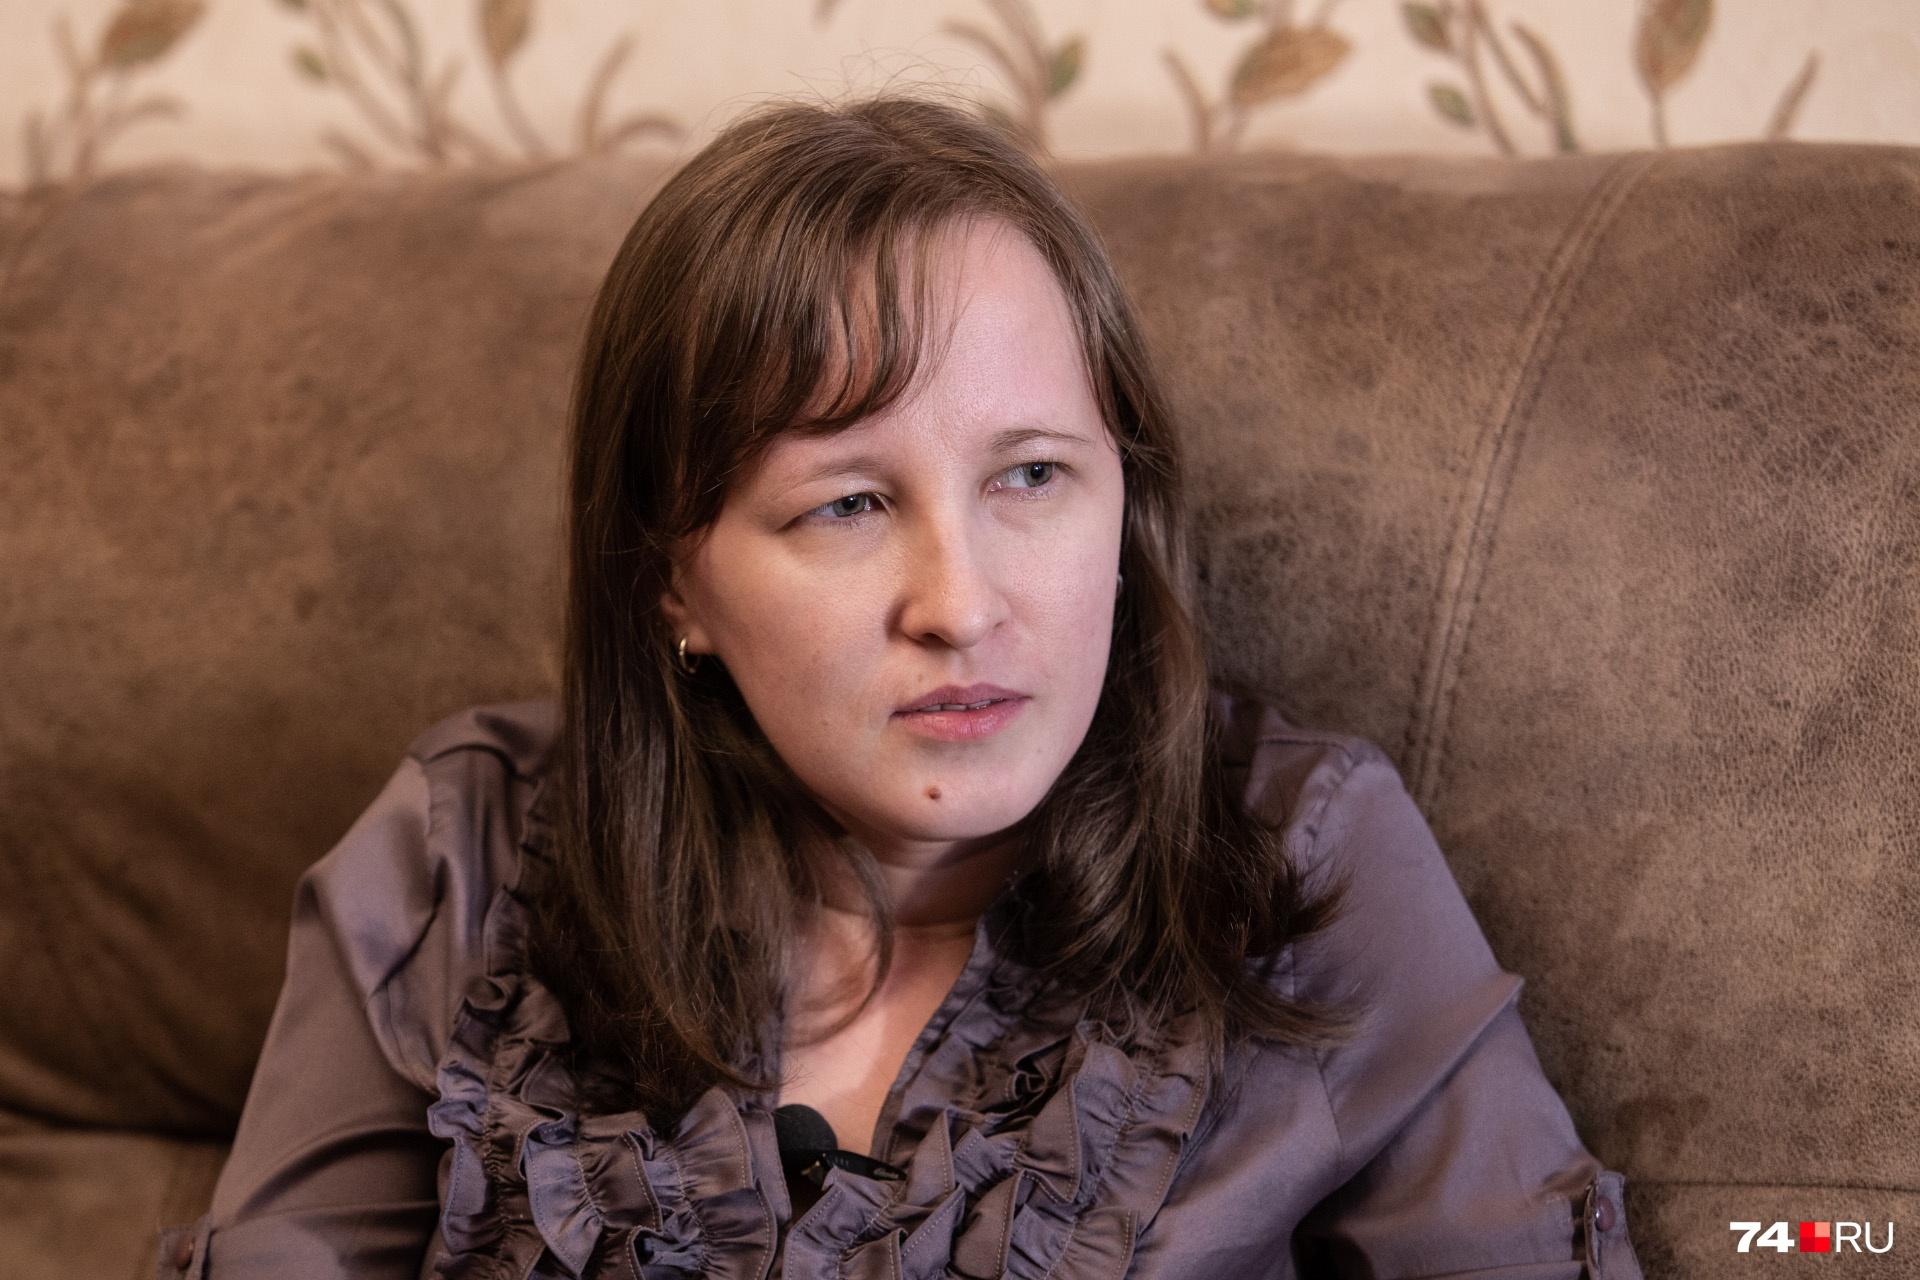 Вечером 30 декабря Ольга вместе с сыновьями вернулись домой из гостей. Они сделали уборку дома и, ни о чём не подозревая, легли спать